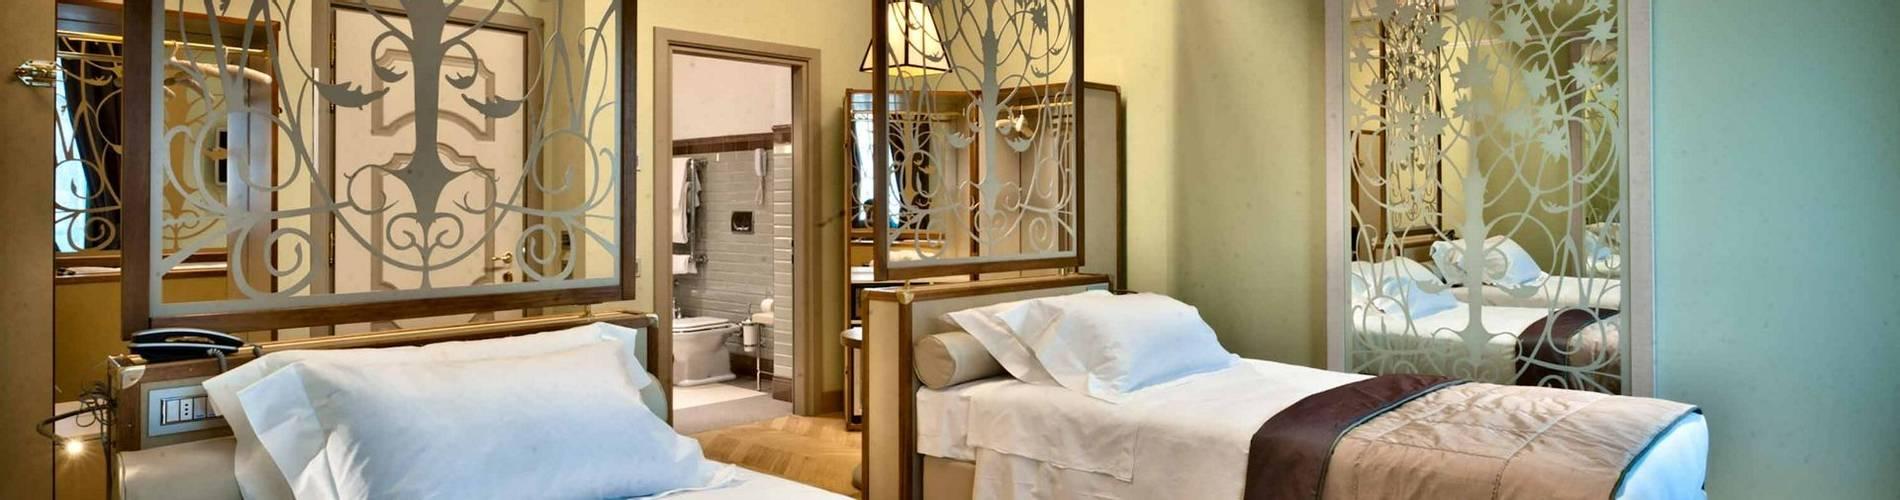 Deluxe_Room_Il_Viaggiatore_11.jpg